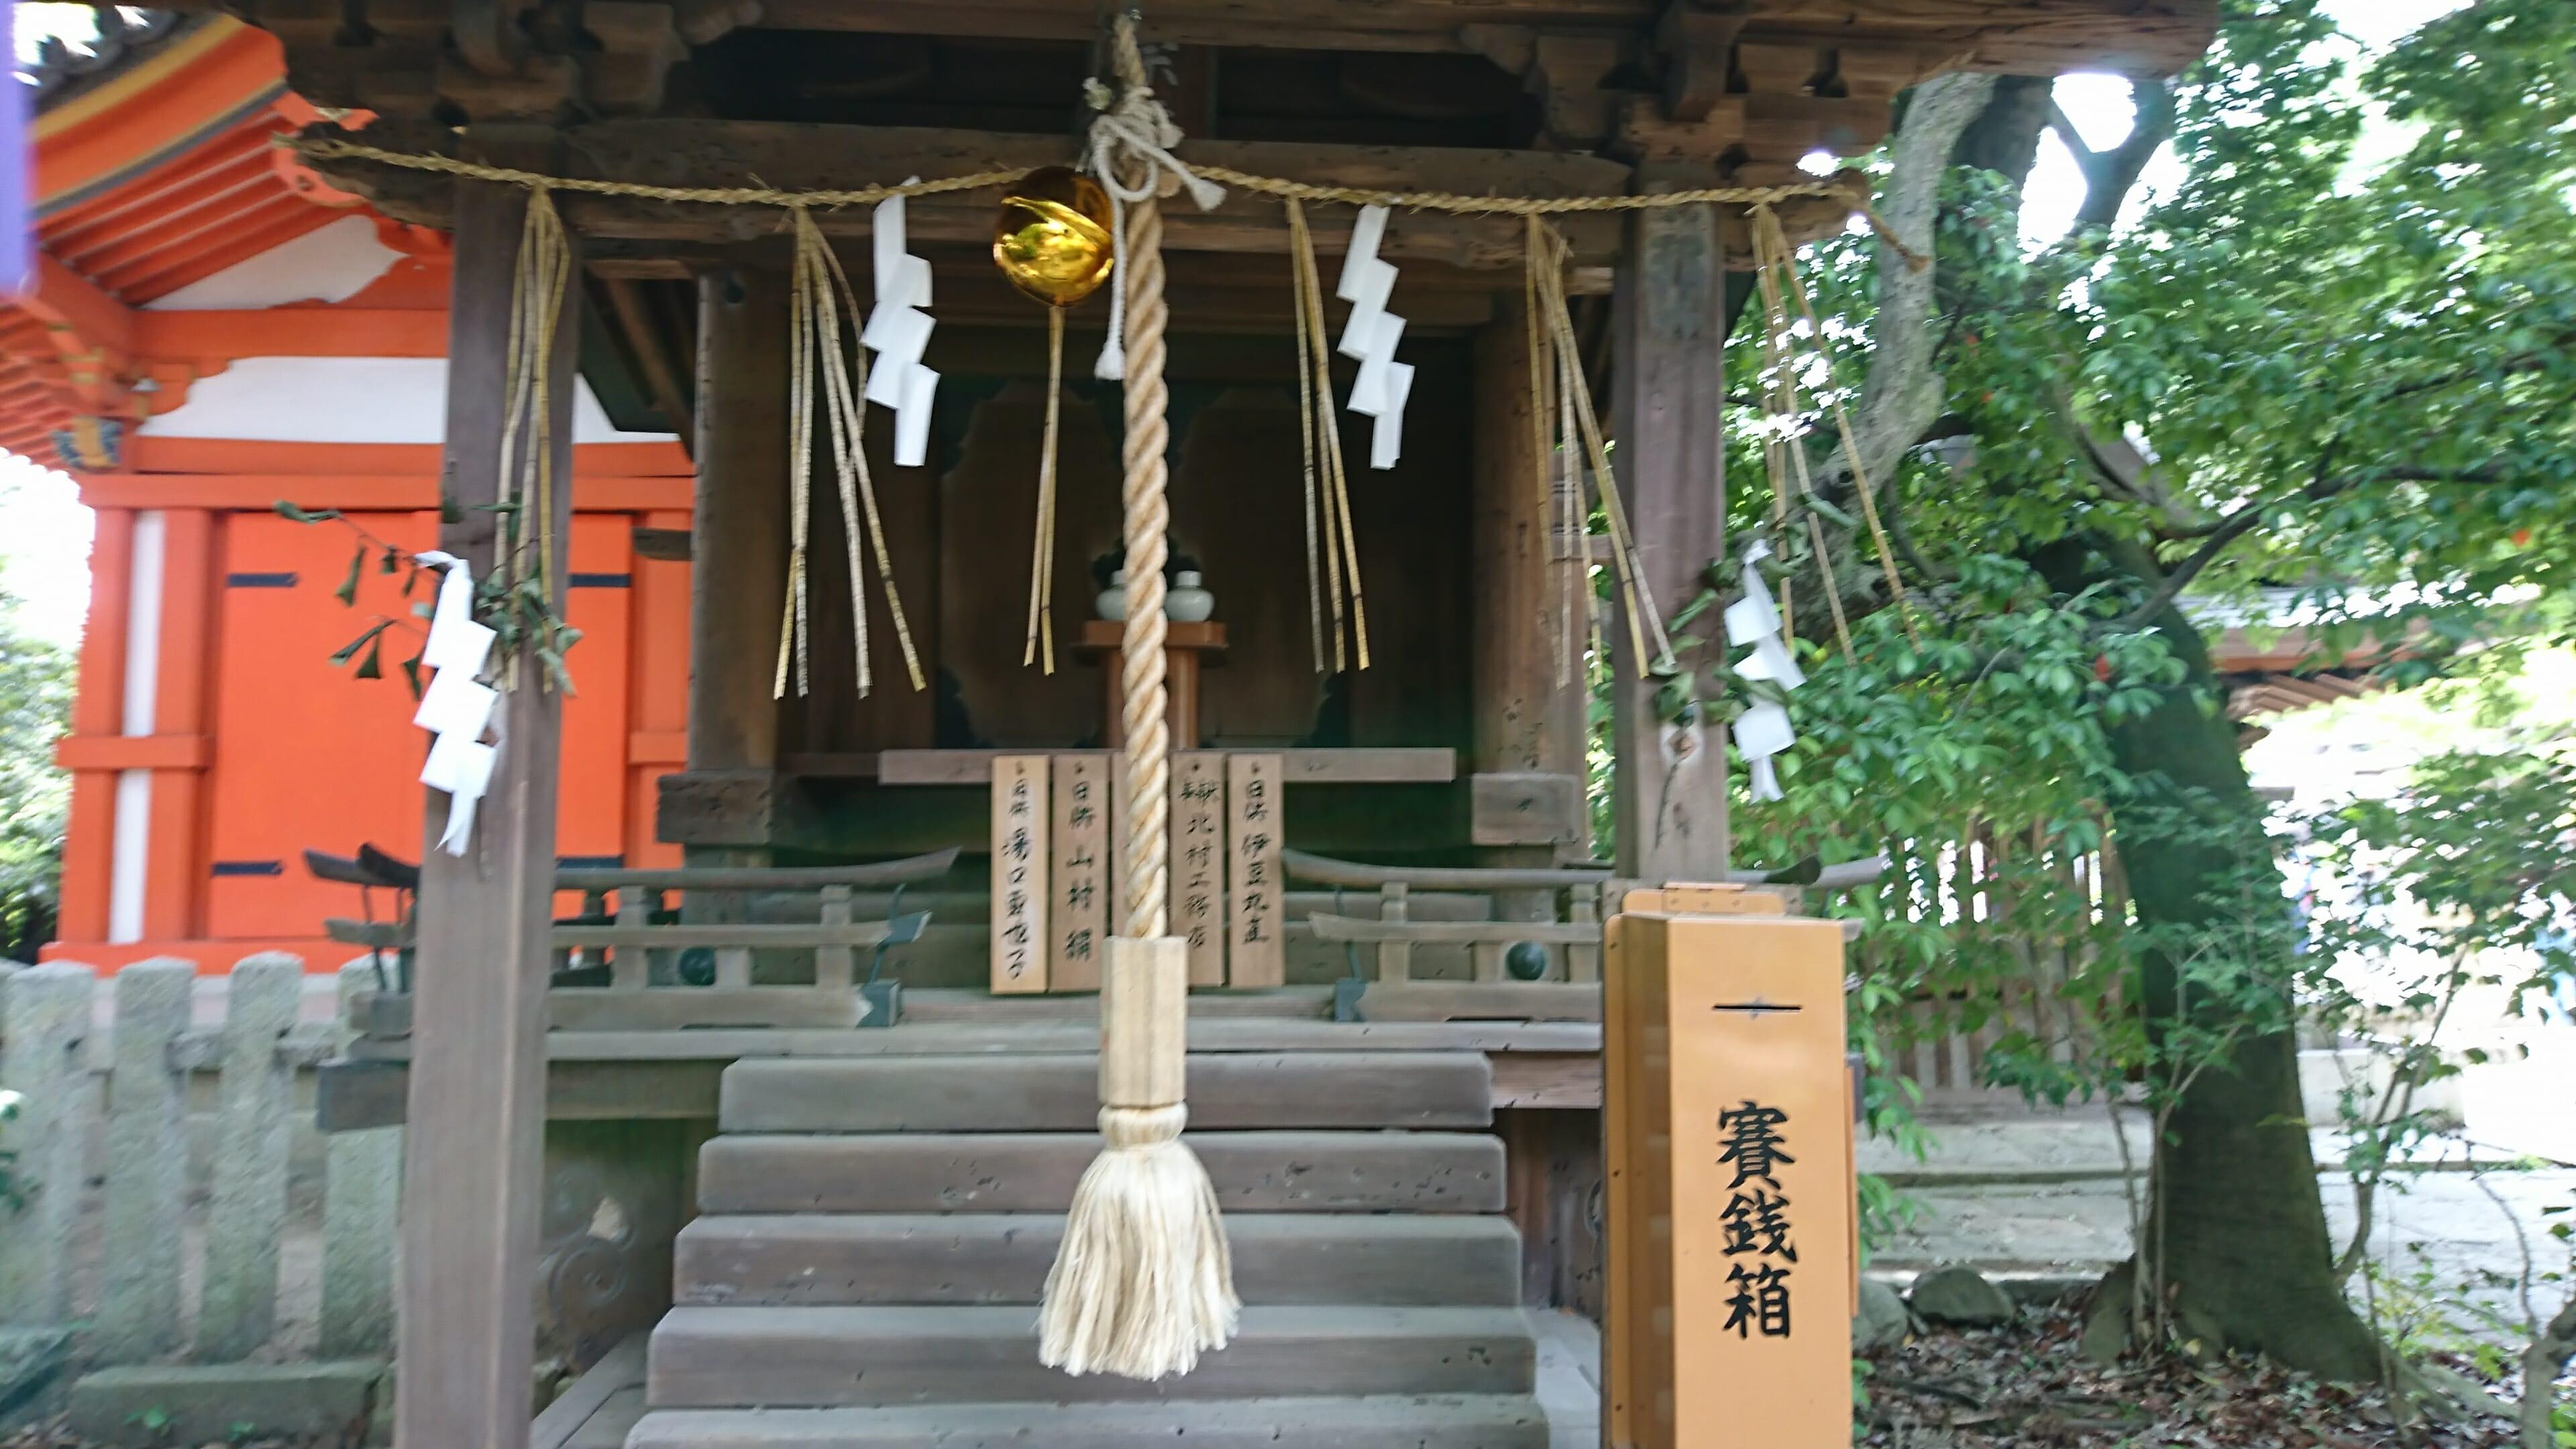 京都の今宮神社にある宗像社には弁天様のお使いのなまずの石がある